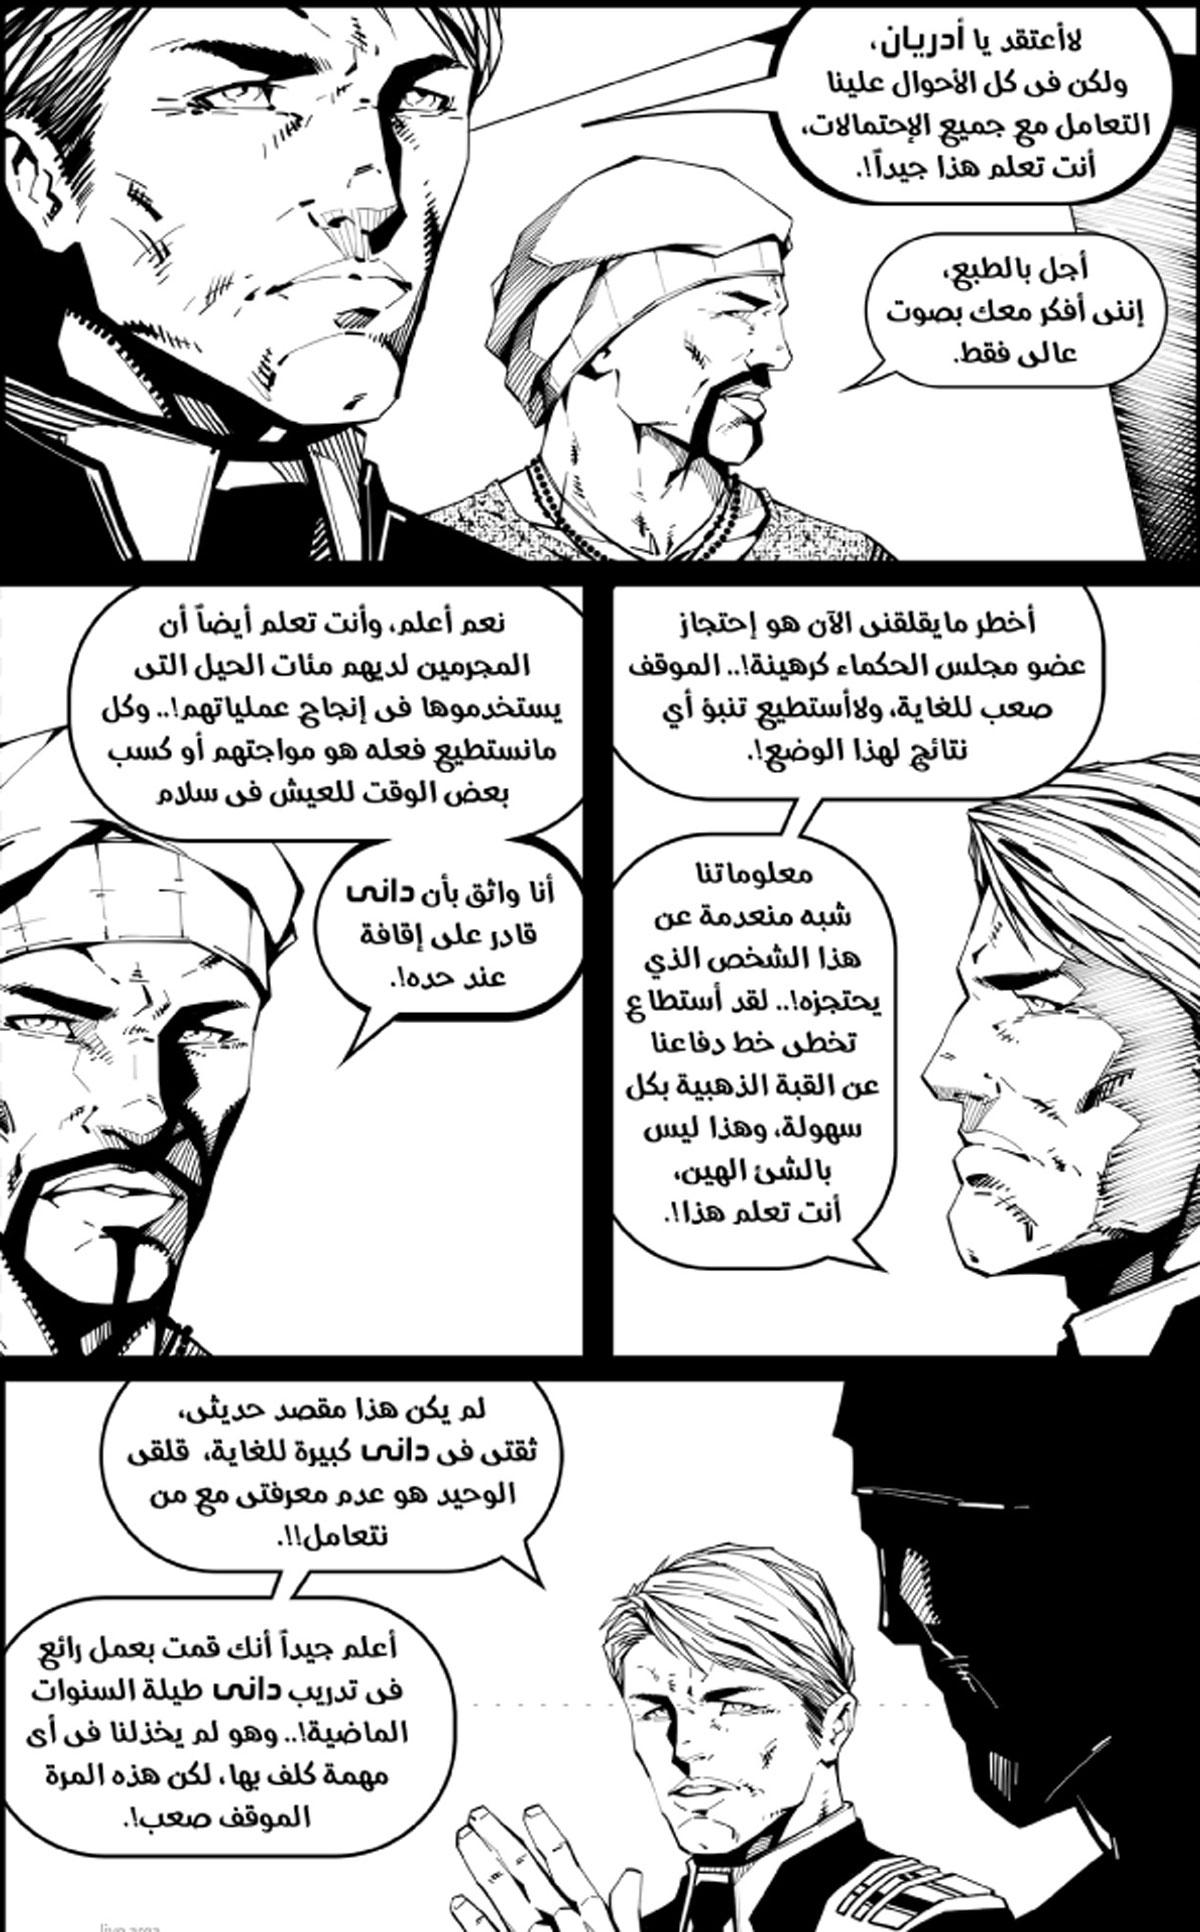 الرواية المصورة داني - الصفحة 12